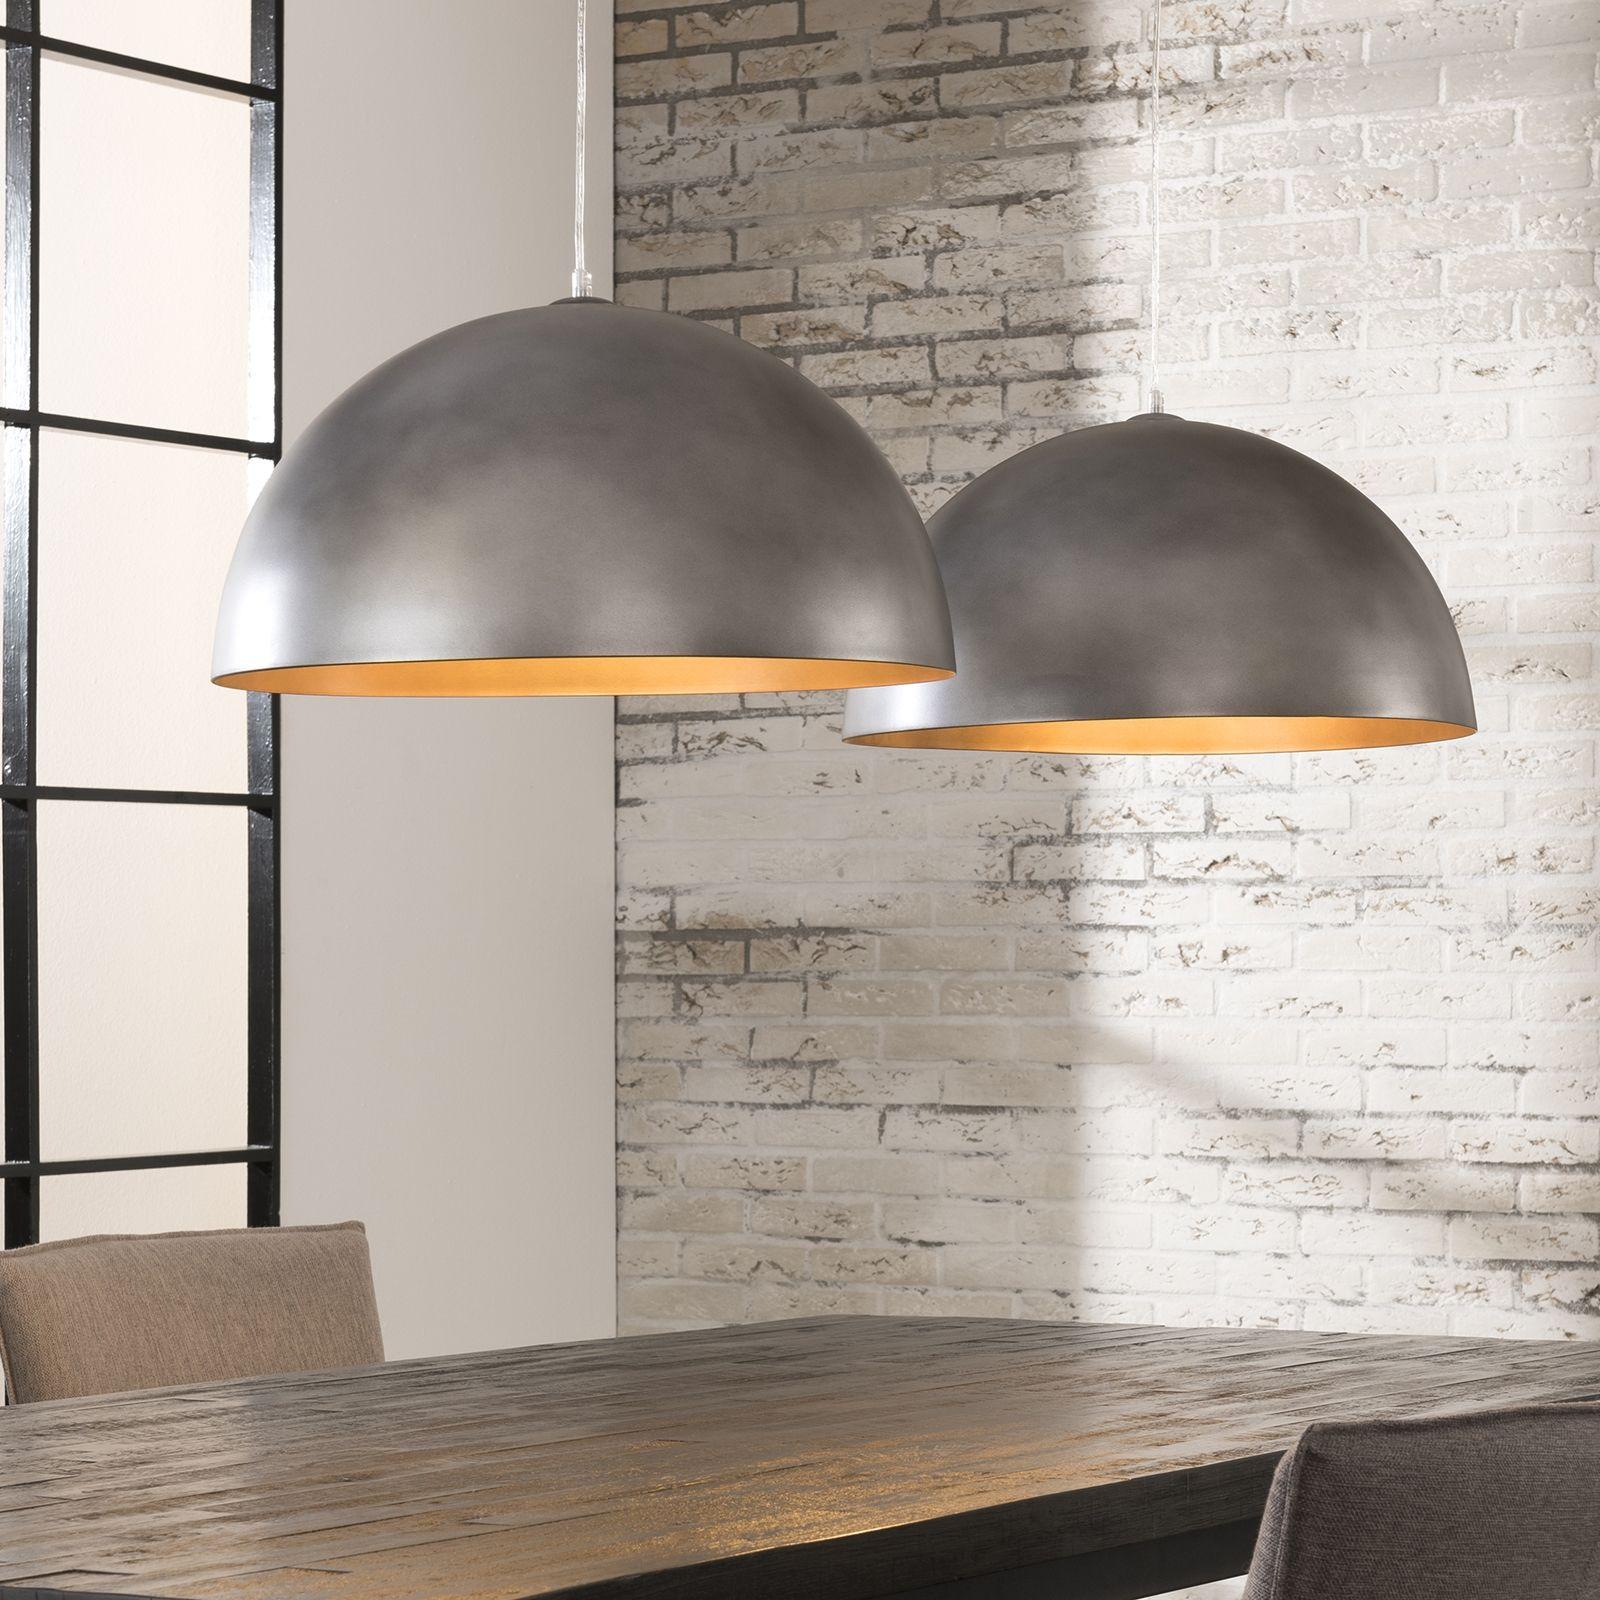 Lampe Esszimmer Pendelleuchten Wohnzimmer Beautiful: Hängelampe Evelin